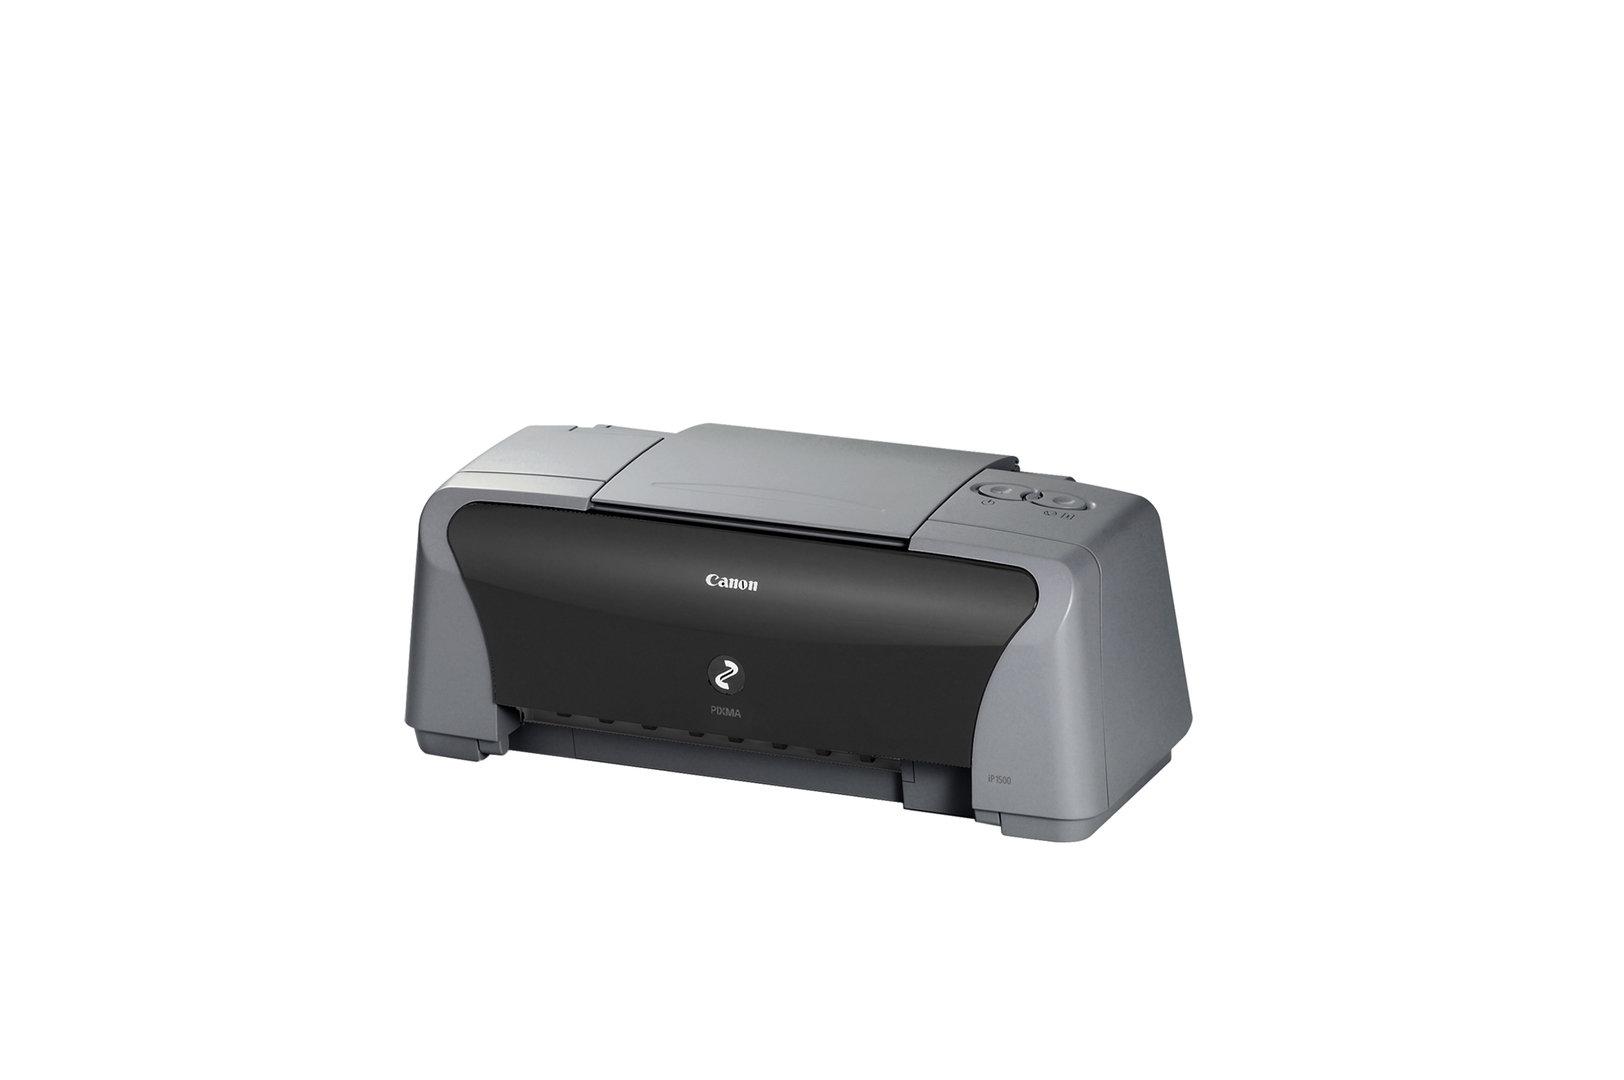 Canon PIXMA iP1500